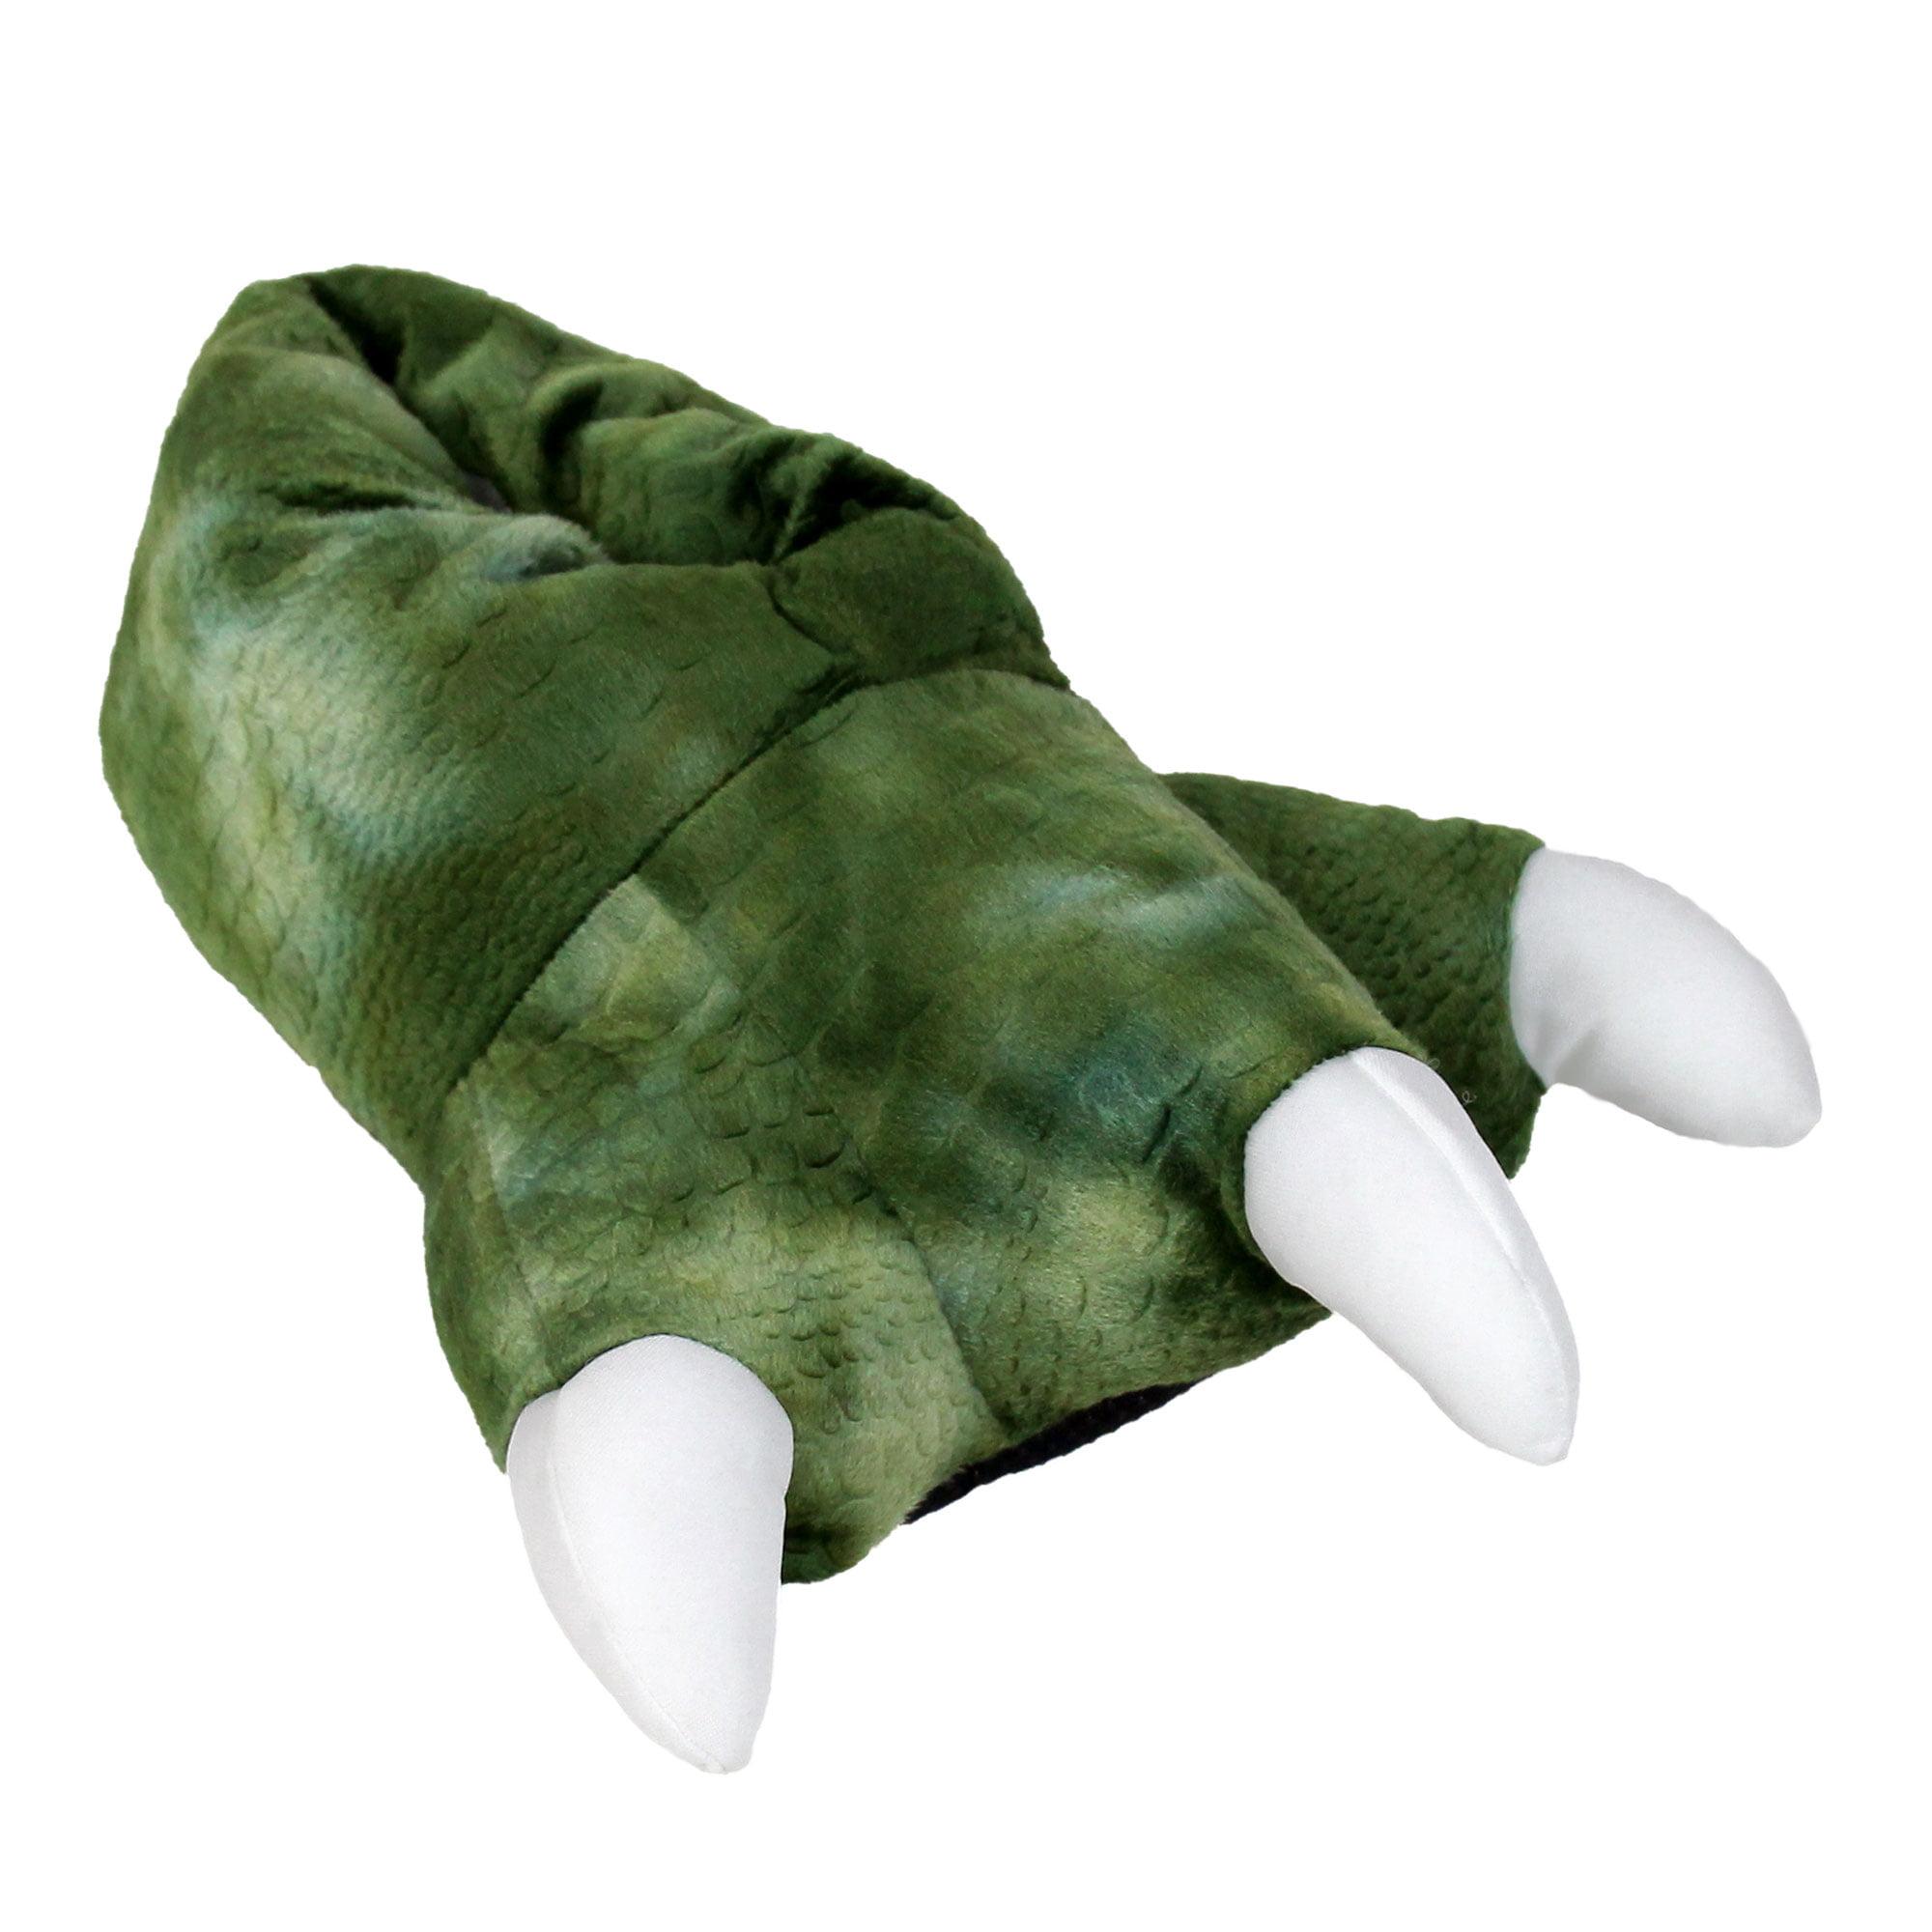 AnimalSlippers - Dinosaur Feet Slippers